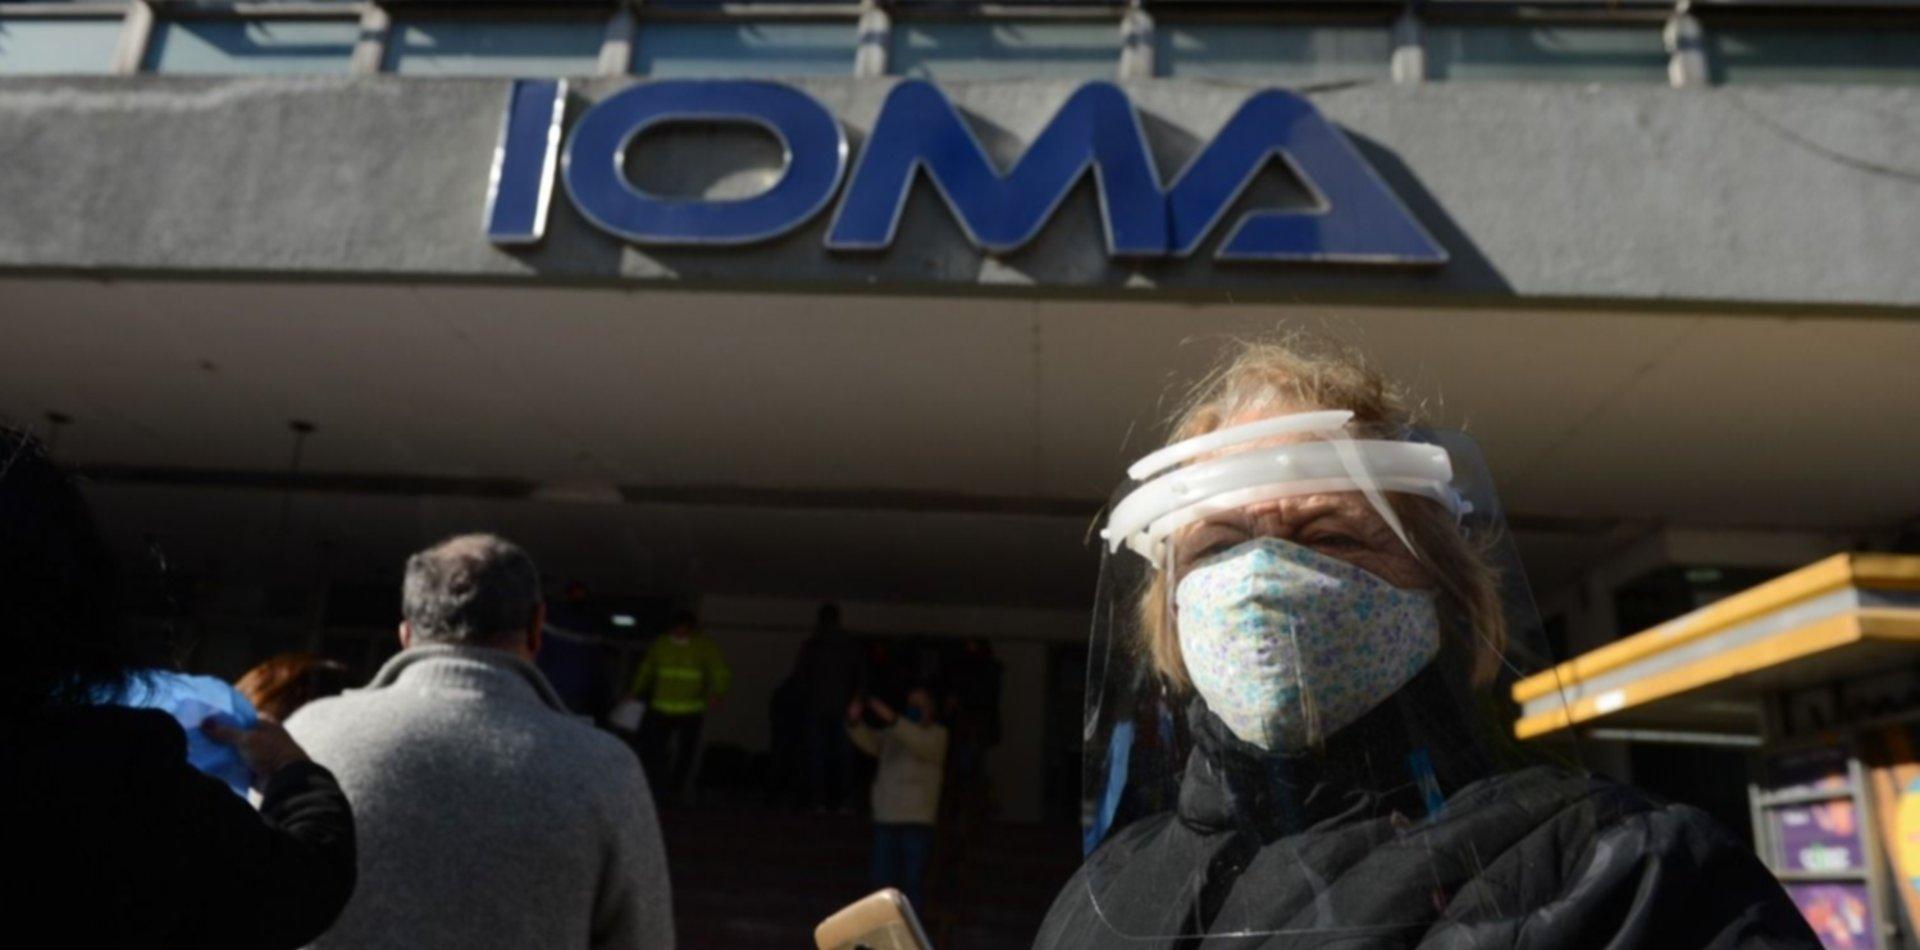 Denuncian que hay contagios en IOMA pero no se activan los protocolos sanitarios